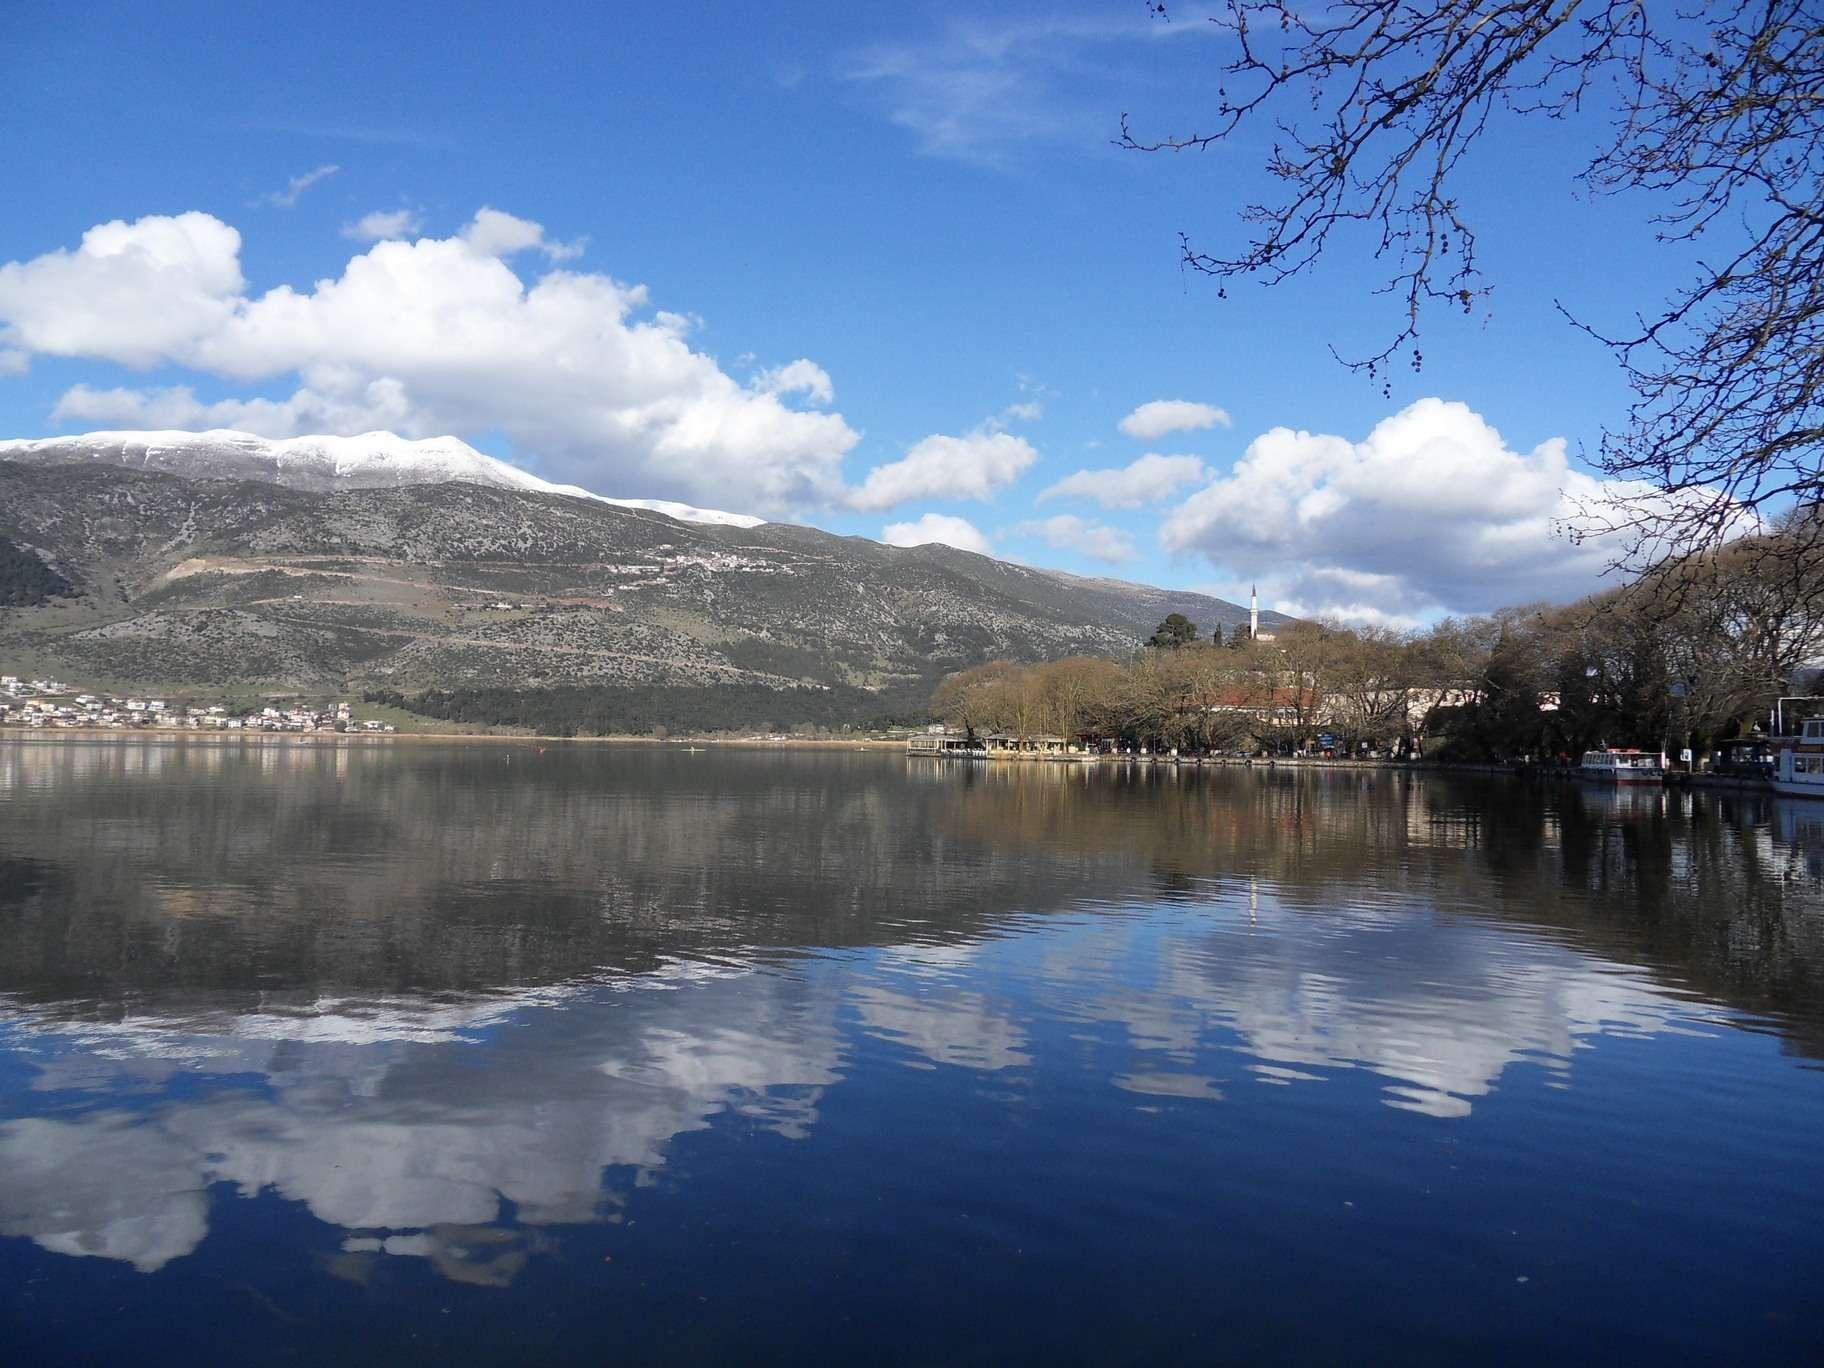 Λίμνη Ιωαννίνων